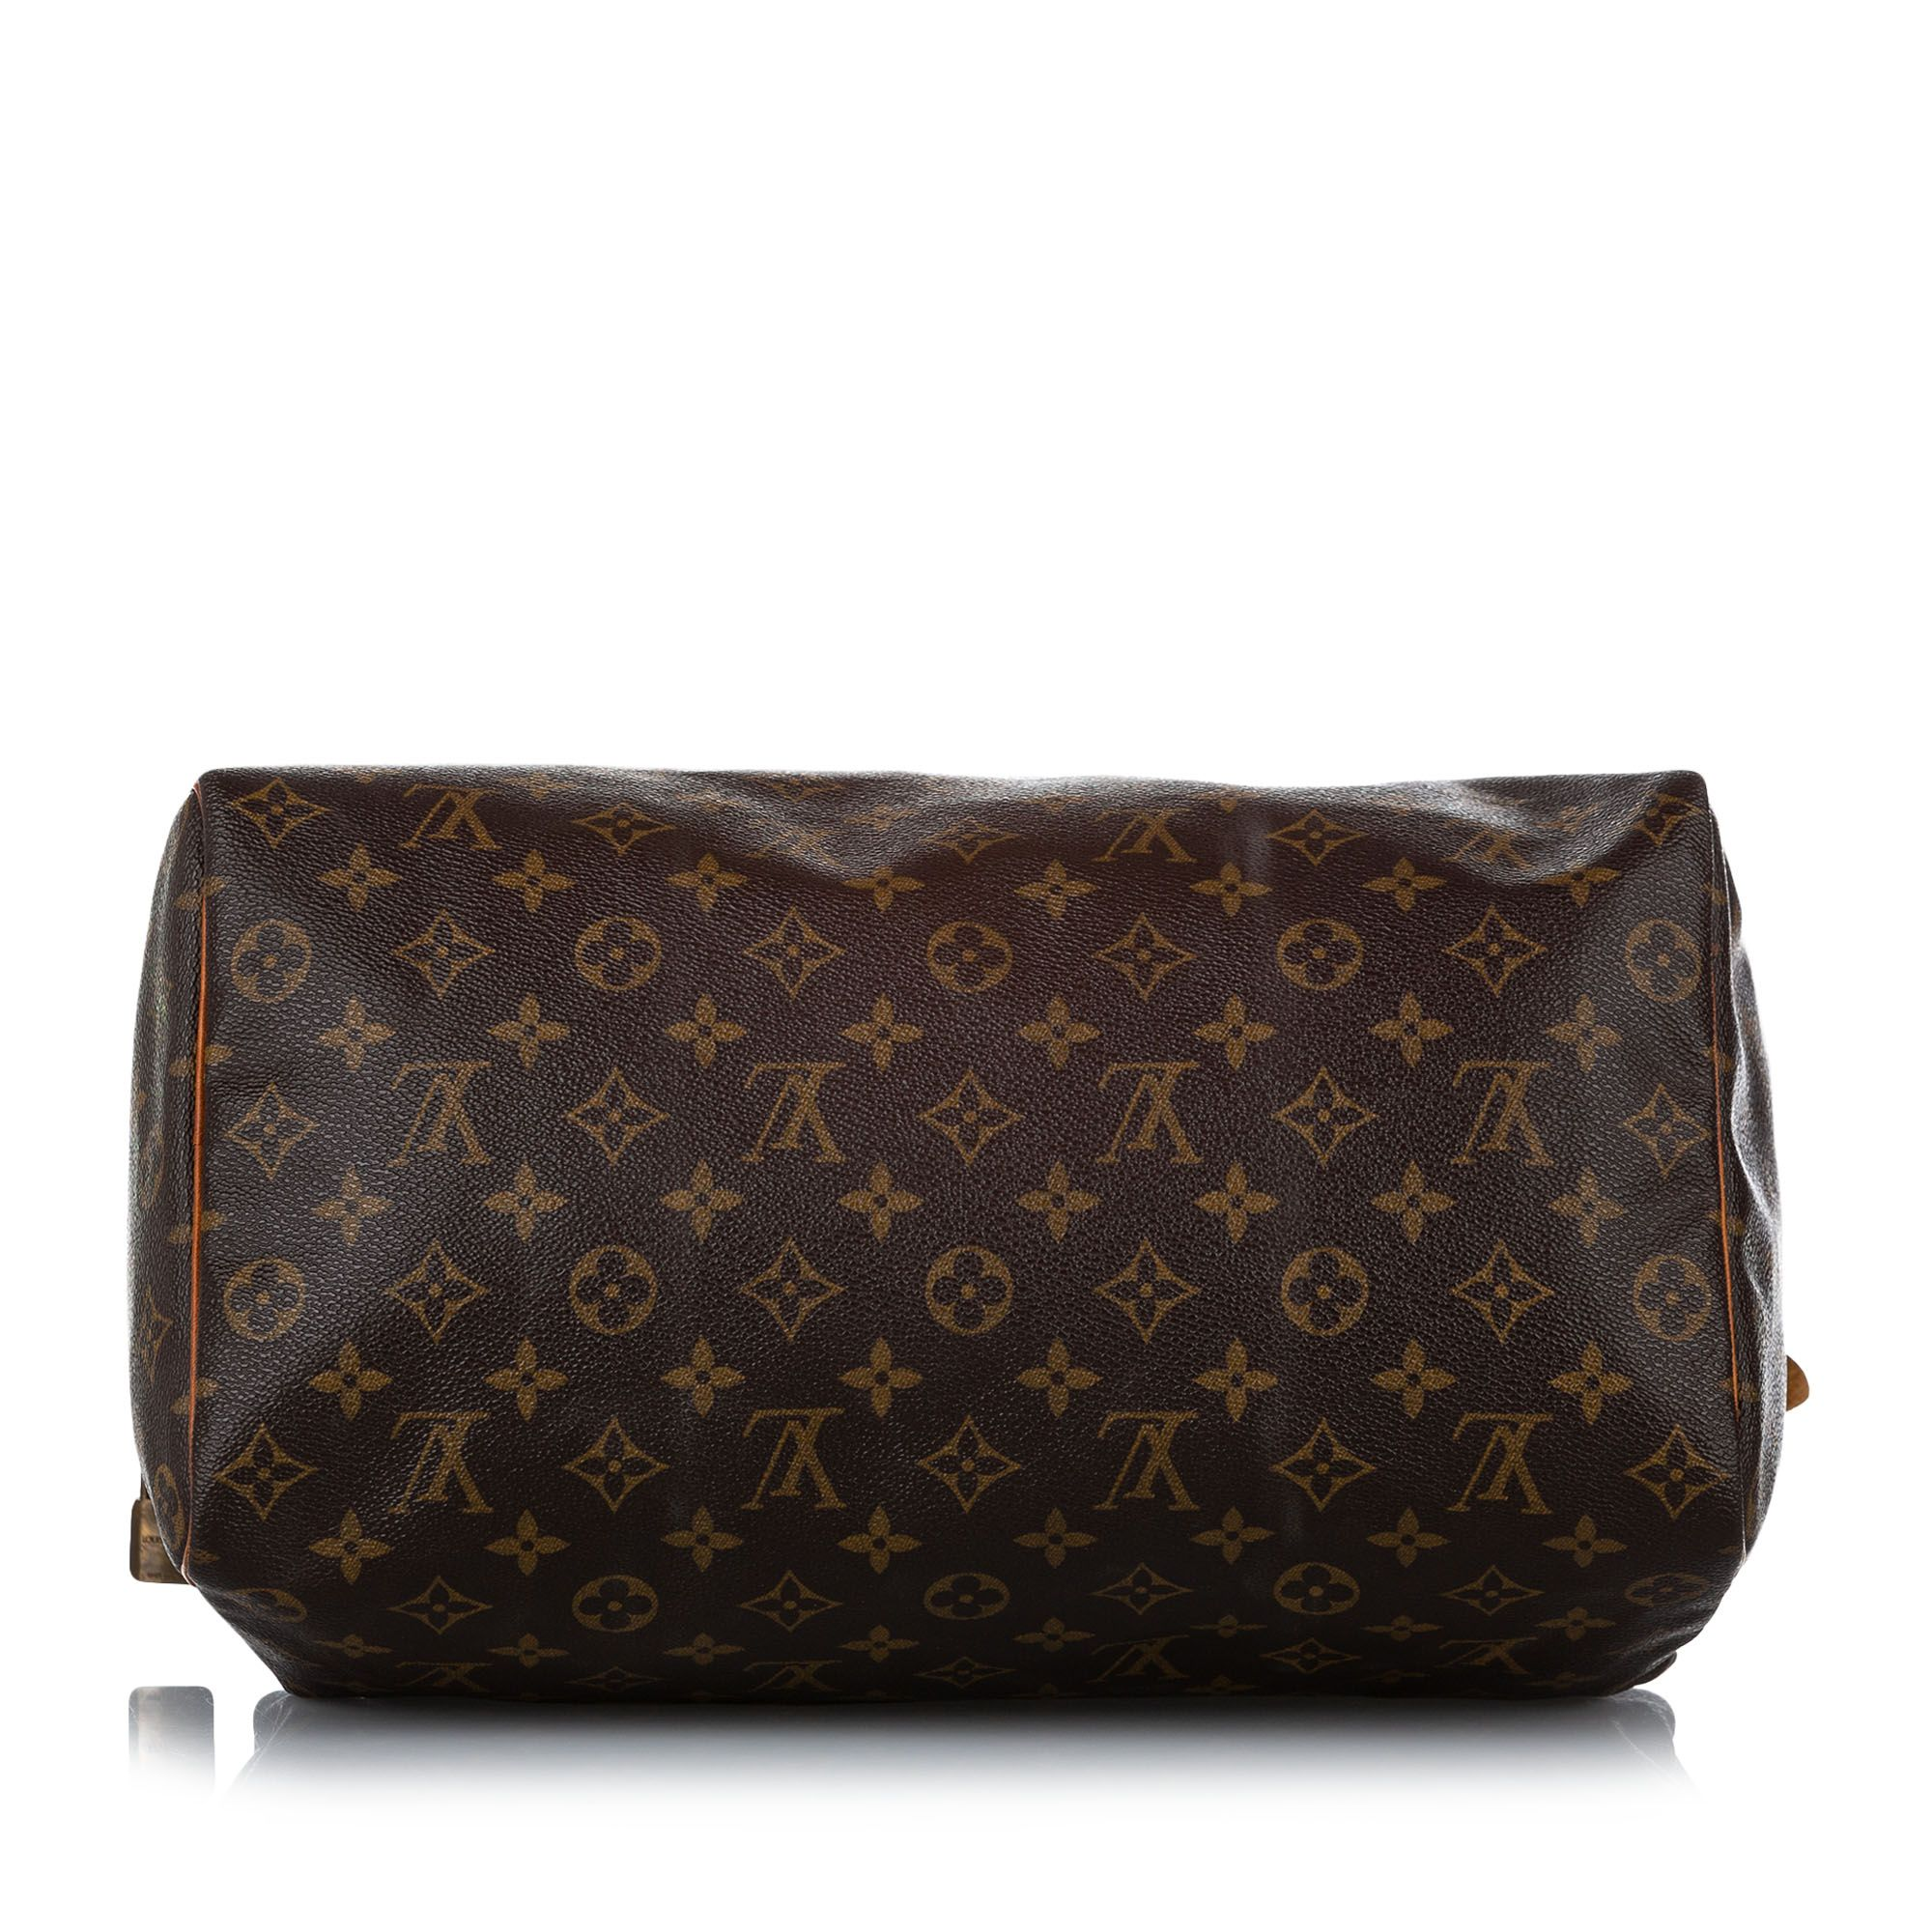 Vintage Louis Vuitton Monogram Speedy 35 Brown